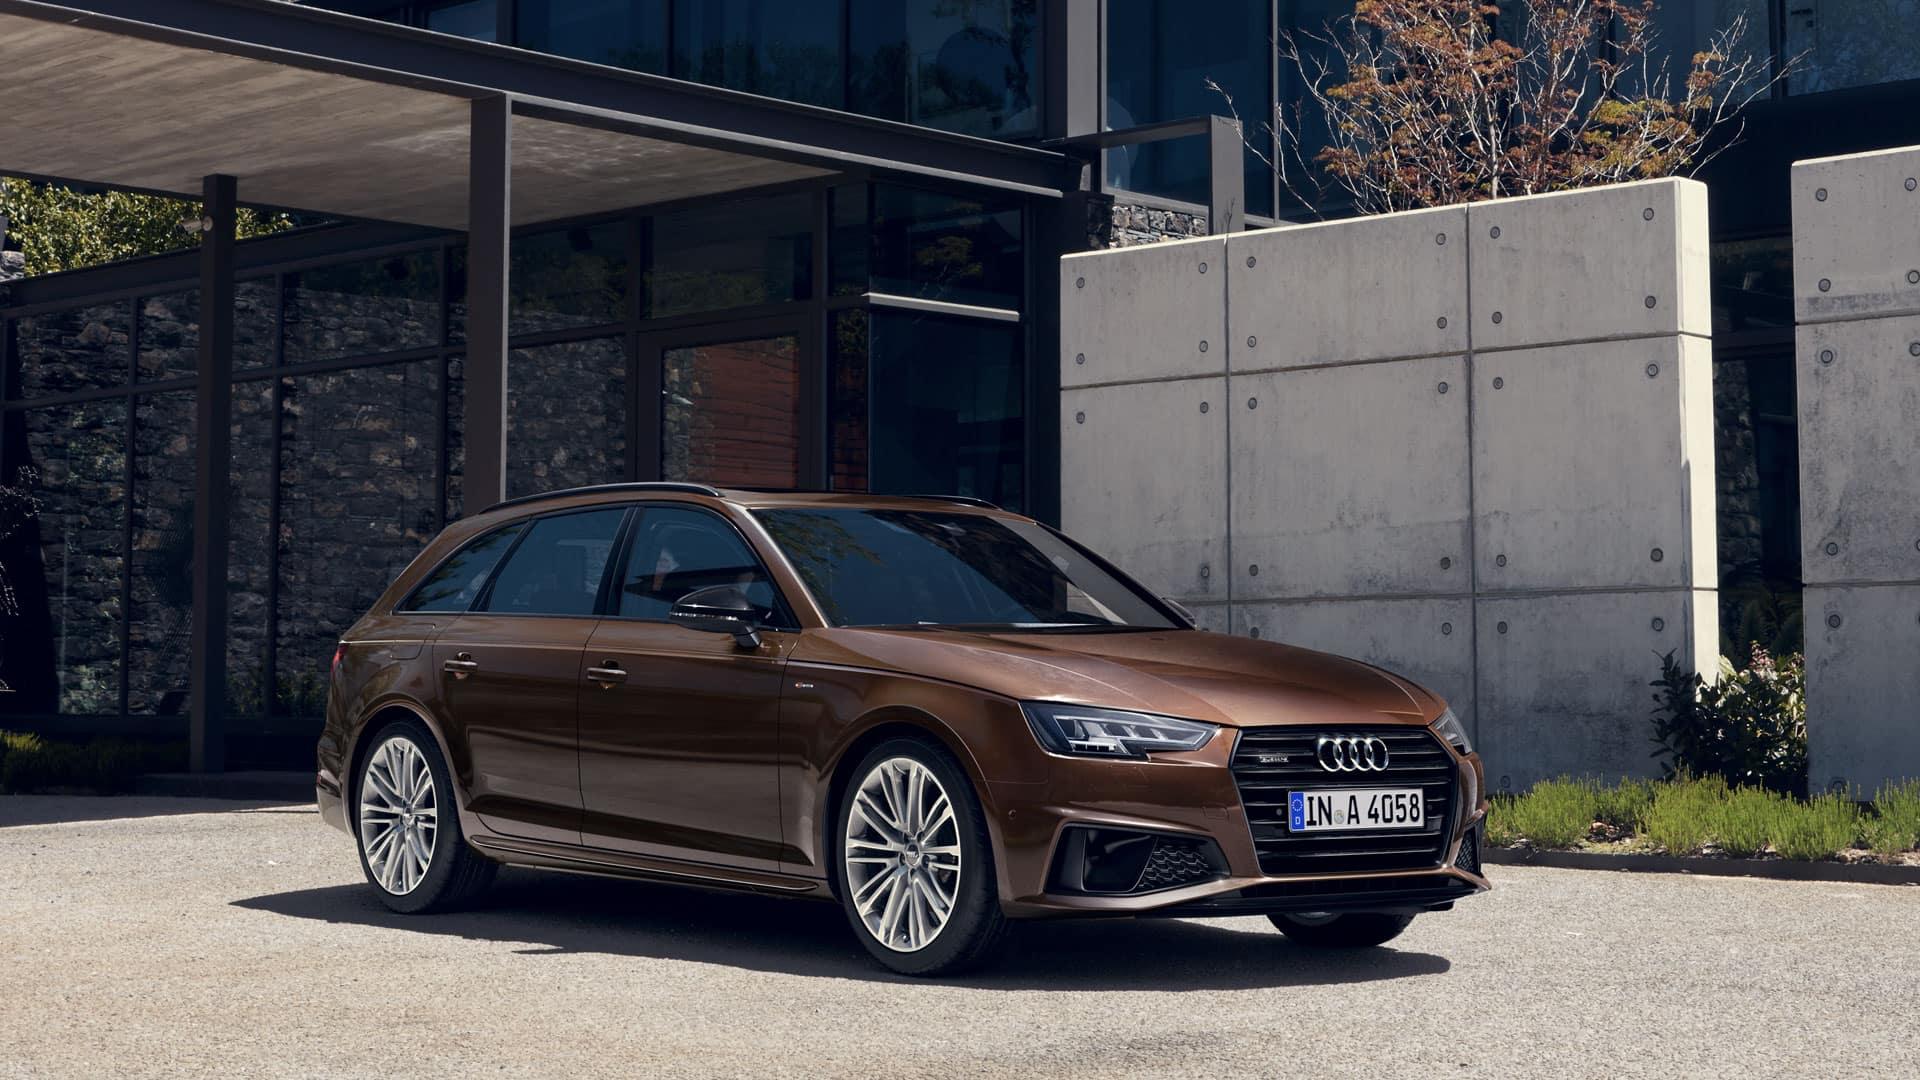 A4 Avant 2019 Gt A4 Gt Audi Deutschland